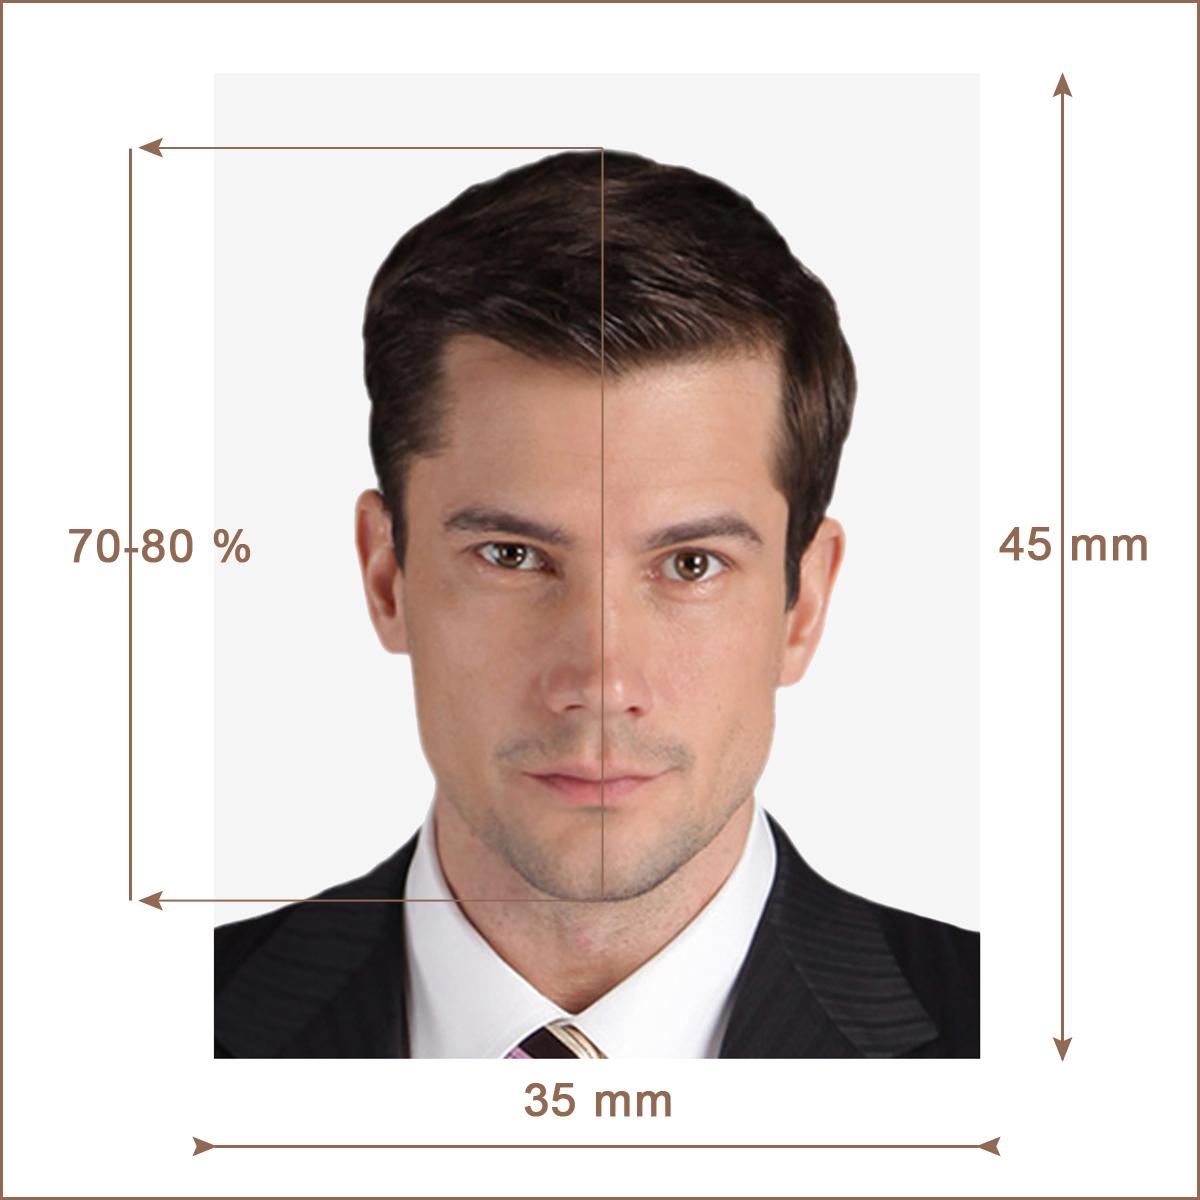 оформлении своего фотография на австрийскую визу чтоб рука